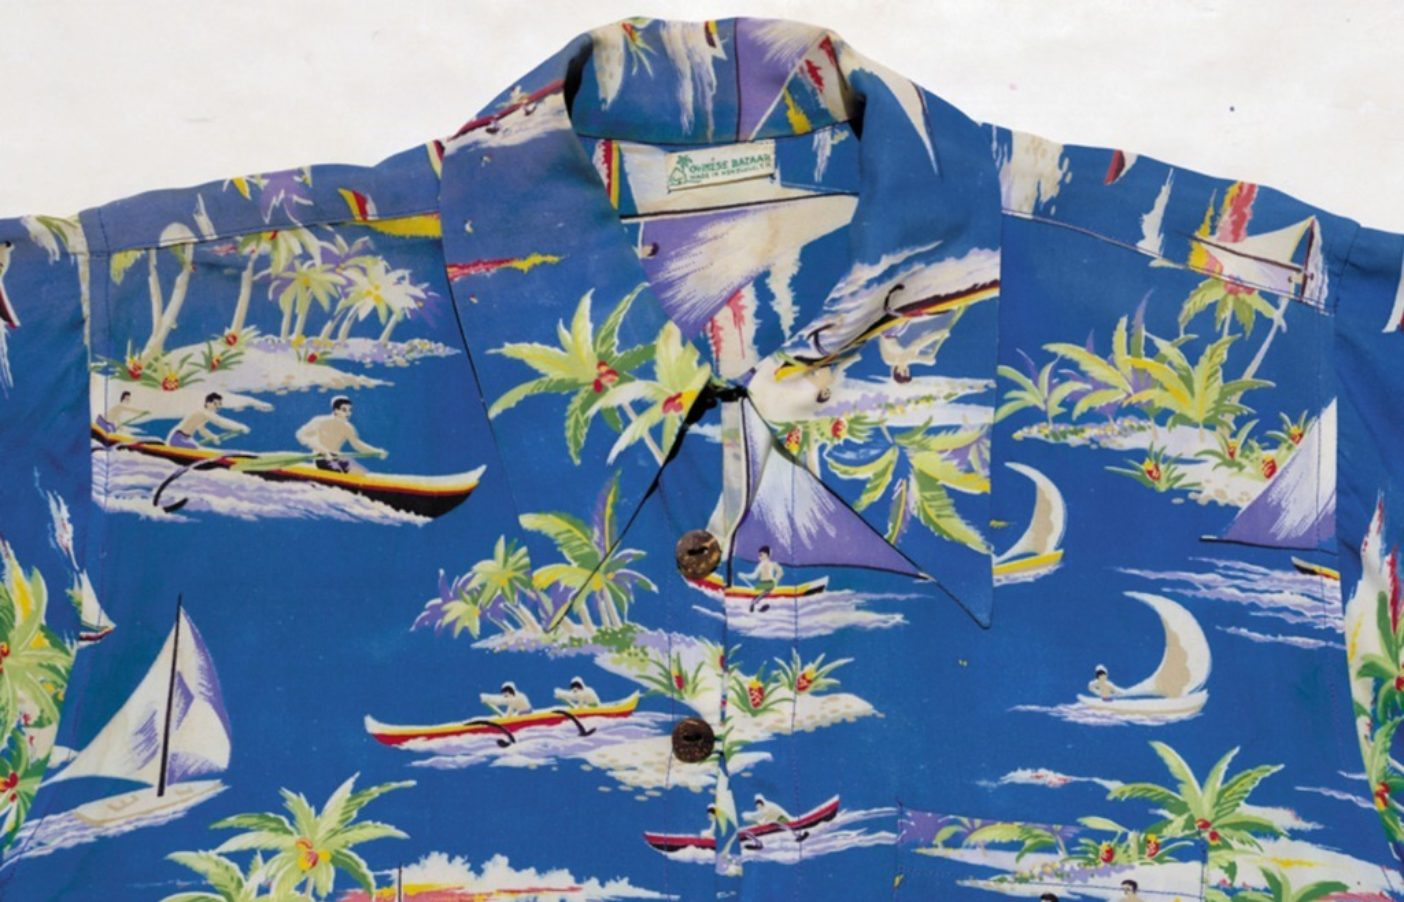 3つボタンのプルオーバーシャツは、よりゆったりとした前開きのアロハシャツの前身。熱帯の島の周りを軽快に走り回るアウトリガー・カヌーがモチーフのこのアロハシャツは、ハワイにインスピレーションを得た初期の柄。カベクレープ、ラベル:Chinese Bazaar, Made in Honolulu, T.H. (Territory of Hawai'i)。 Photo: Patagonia Books